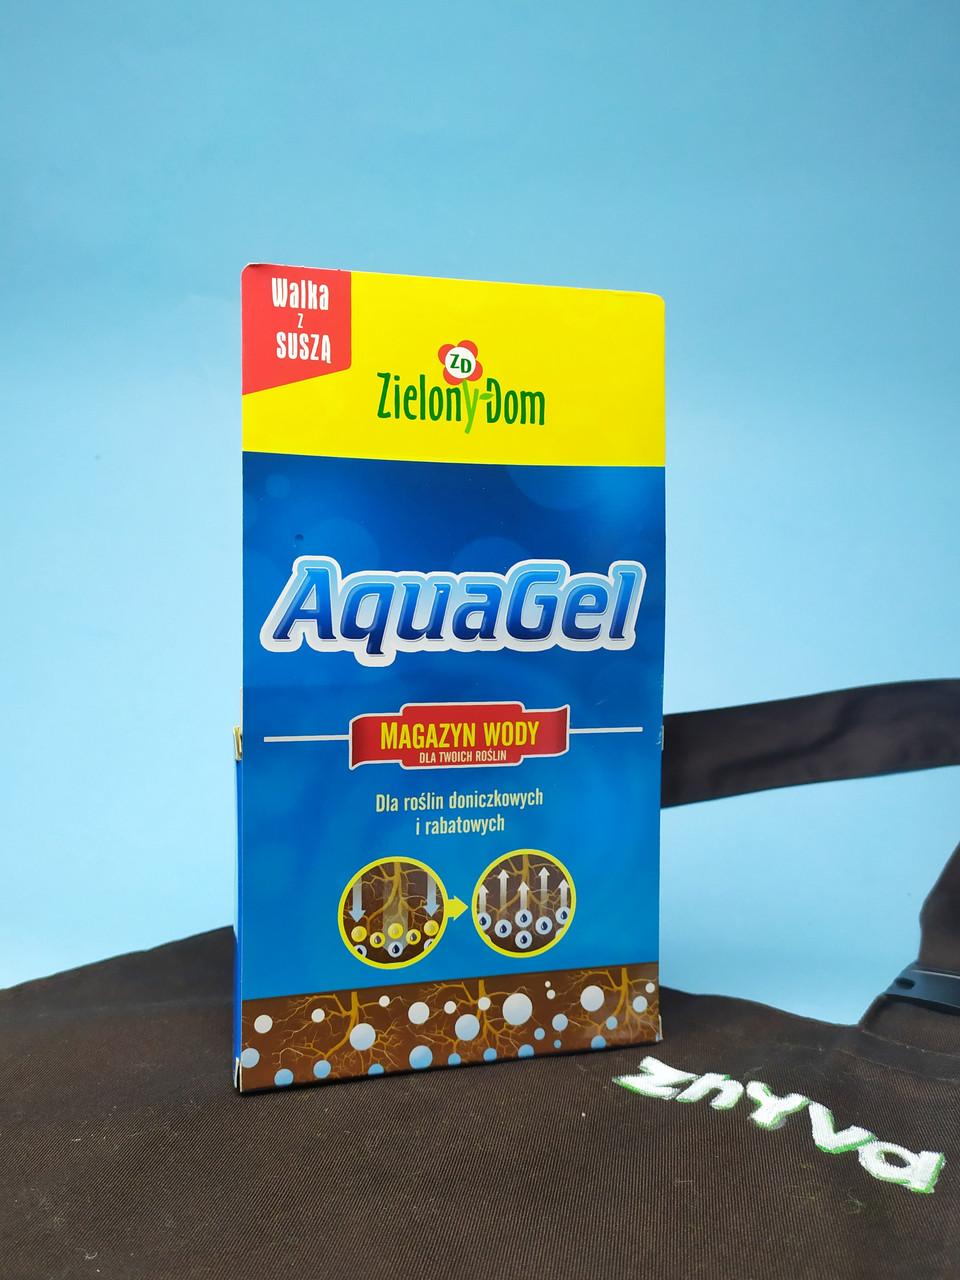 Гидрогель для хранения влажности AquaGel Zielony Dom 60гр